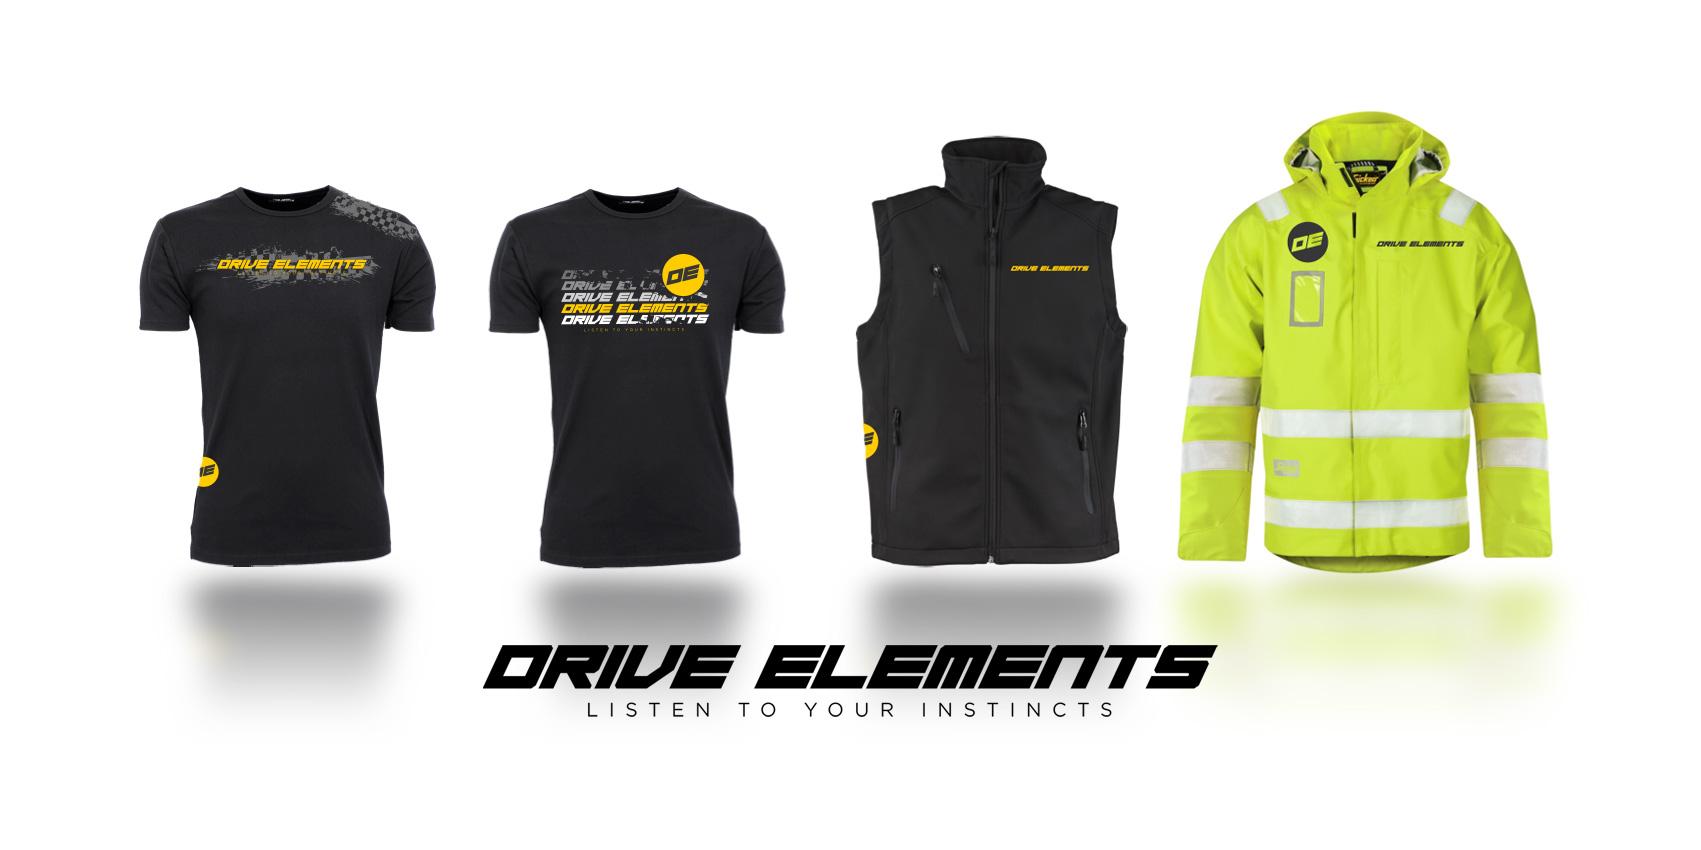 www.drive-elements.com